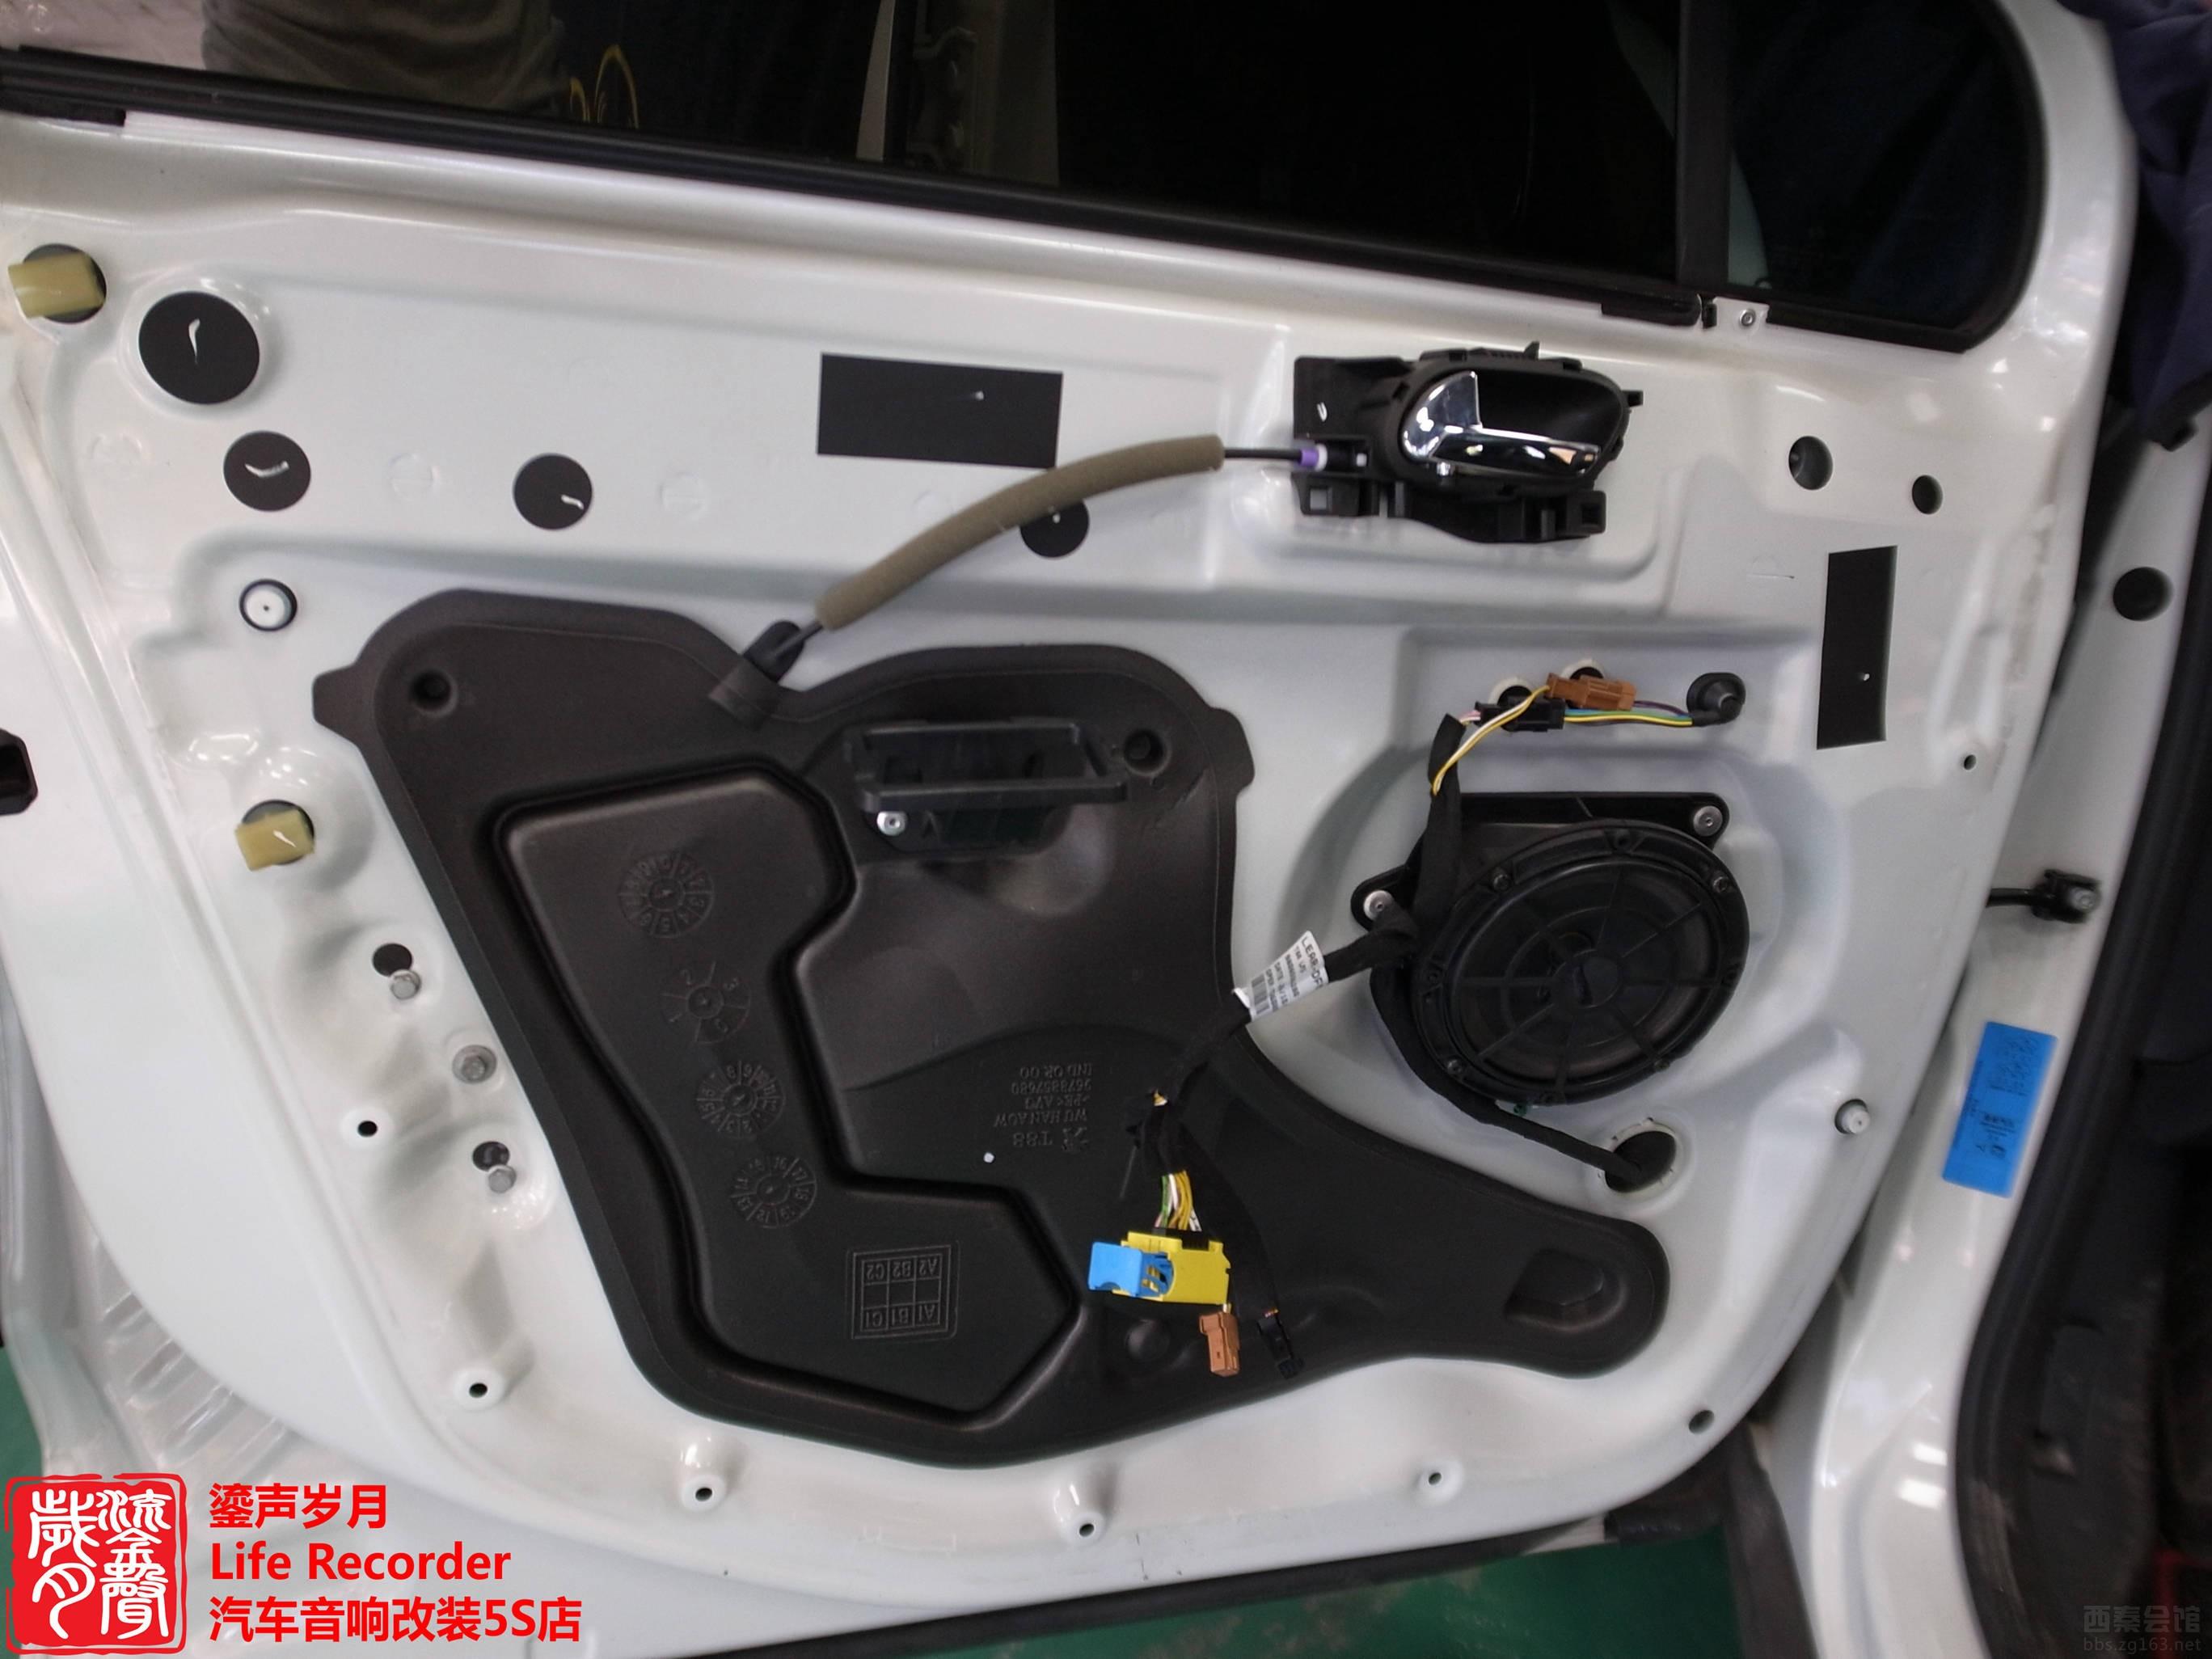 重庆好声音 之 标致汽车音响改装高清图片